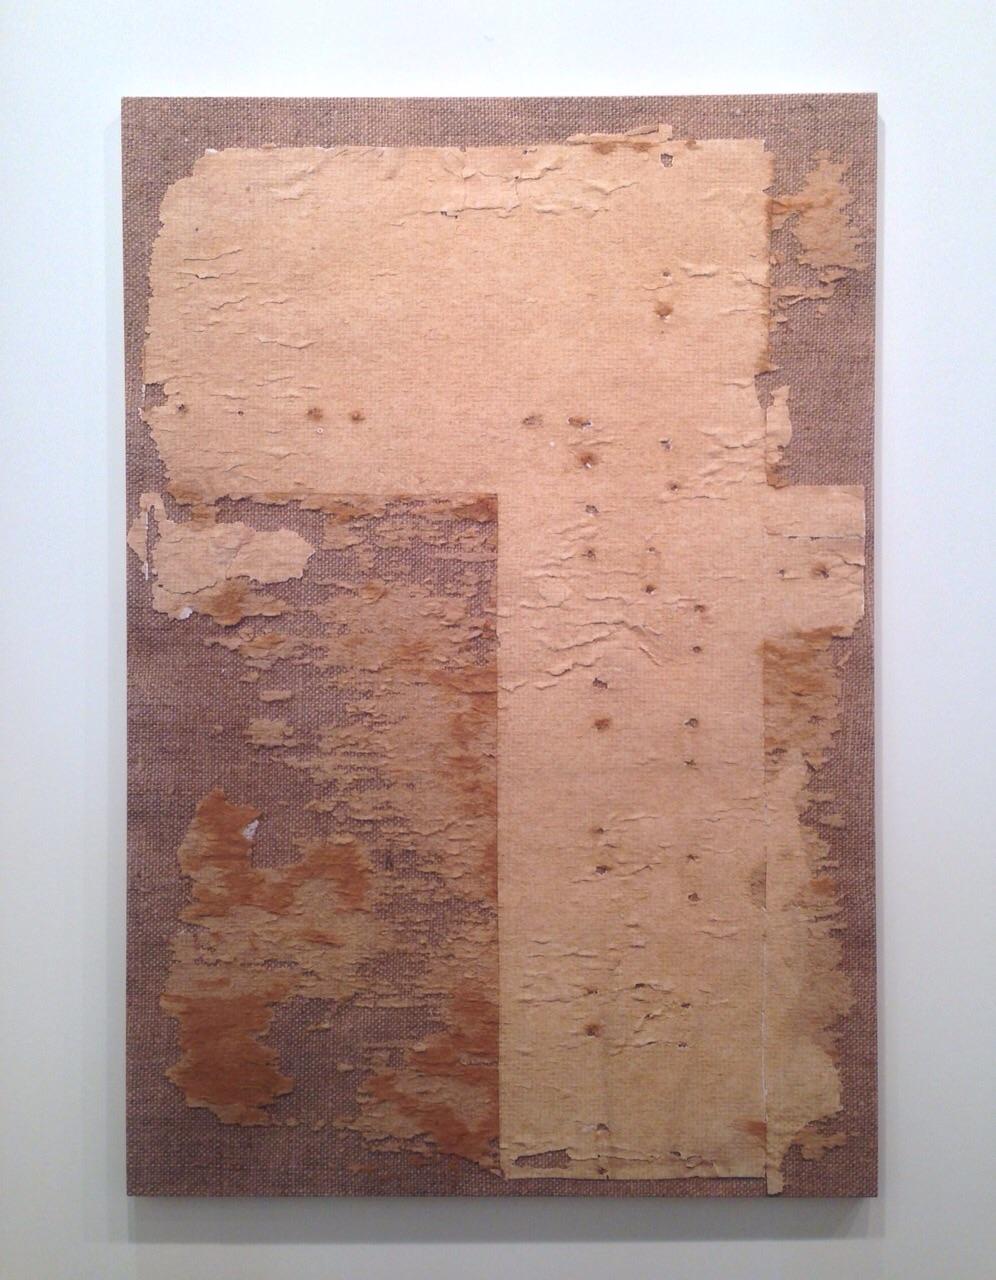 John Henderson - T293 Gallery, Naples, Rome